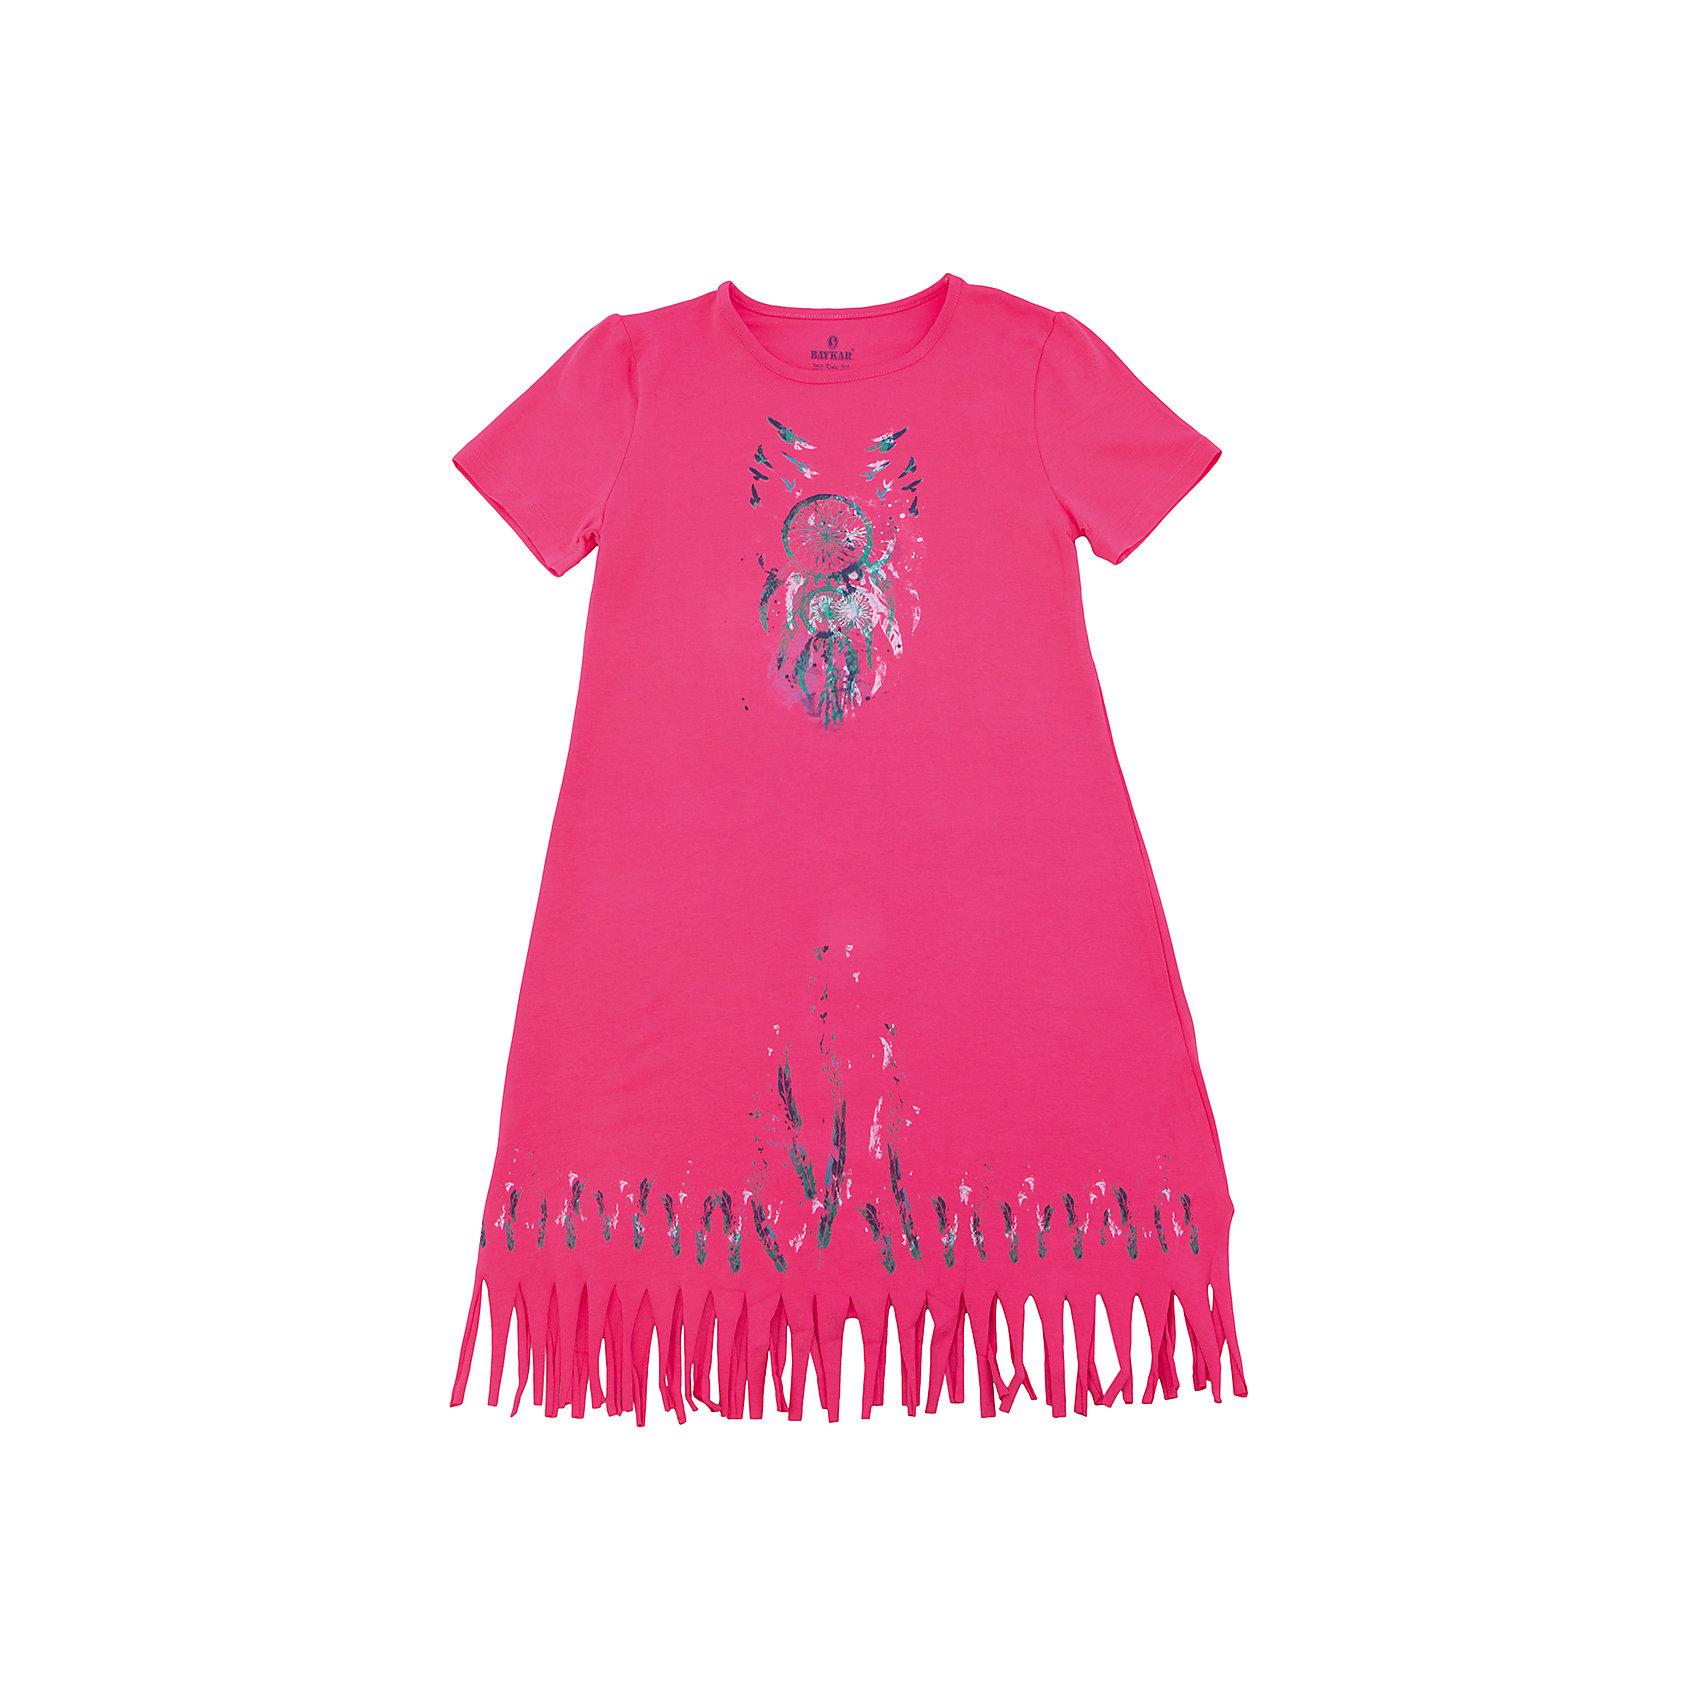 Сорочка для девочки BaykarПижамы и сорочки<br>Характеристики товара:<br><br>• цвет: розовый<br>• состав ткани: 95% хлопок; 5% эластан<br>• короткие рукава<br>• сезон: круглый год<br>• страна бренда: Турция<br>• страна изготовитель: Турция<br><br>Хлопковая сорочка для девочки Baykar украшена симпатичным принтом. Она сделана из мягкого дышащего материала. <br><br>Мягкая отделка краев и продуманный крой обеспечивают комфортную посадку. Розовая сорочка для девочки позволяет обеспечить комфортный сон.<br><br>Сорочку для девочки Baykar (Байкар) можно купить в нашем интернет-магазине.<br><br>Ширина мм: 281<br>Глубина мм: 70<br>Высота мм: 188<br>Вес г: 295<br>Цвет: розовый<br>Возраст от месяцев: 168<br>Возраст до месяцев: 180<br>Пол: Женский<br>Возраст: Детский<br>Размер: 164/170,152/158,158/164<br>SKU: 6764867